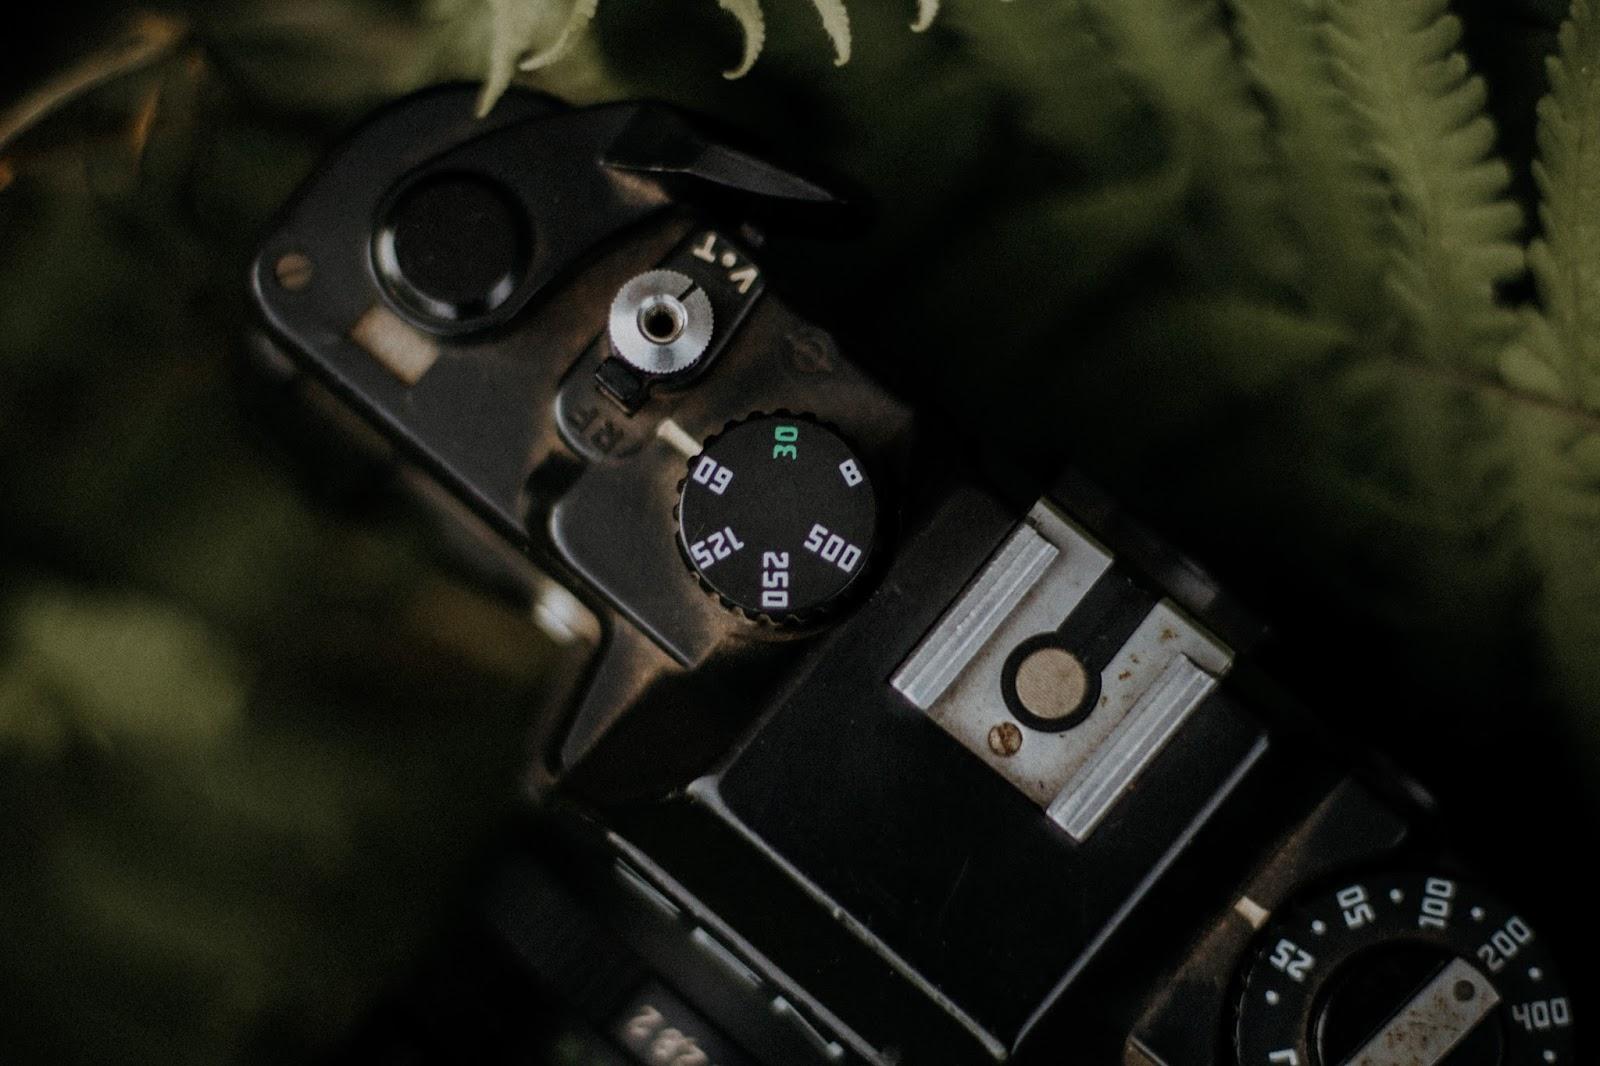 Comprei: Zenit 122. E é isso pessoal, esse post foi só para mostrar o meu mais novo brinquedo e como funciona. Ainda não revelei nenhum filme, mas quando for digitalizar as fotos, vou fazer um post com o resultado das fotos :)  Mas, qualquer pergunta que vocês quiserem fazer, opinião sobre o post ou contar se vocês tem costume de fotografar com câmeras analógicas é só deixar um comentário no post que vou ficar super feliz!